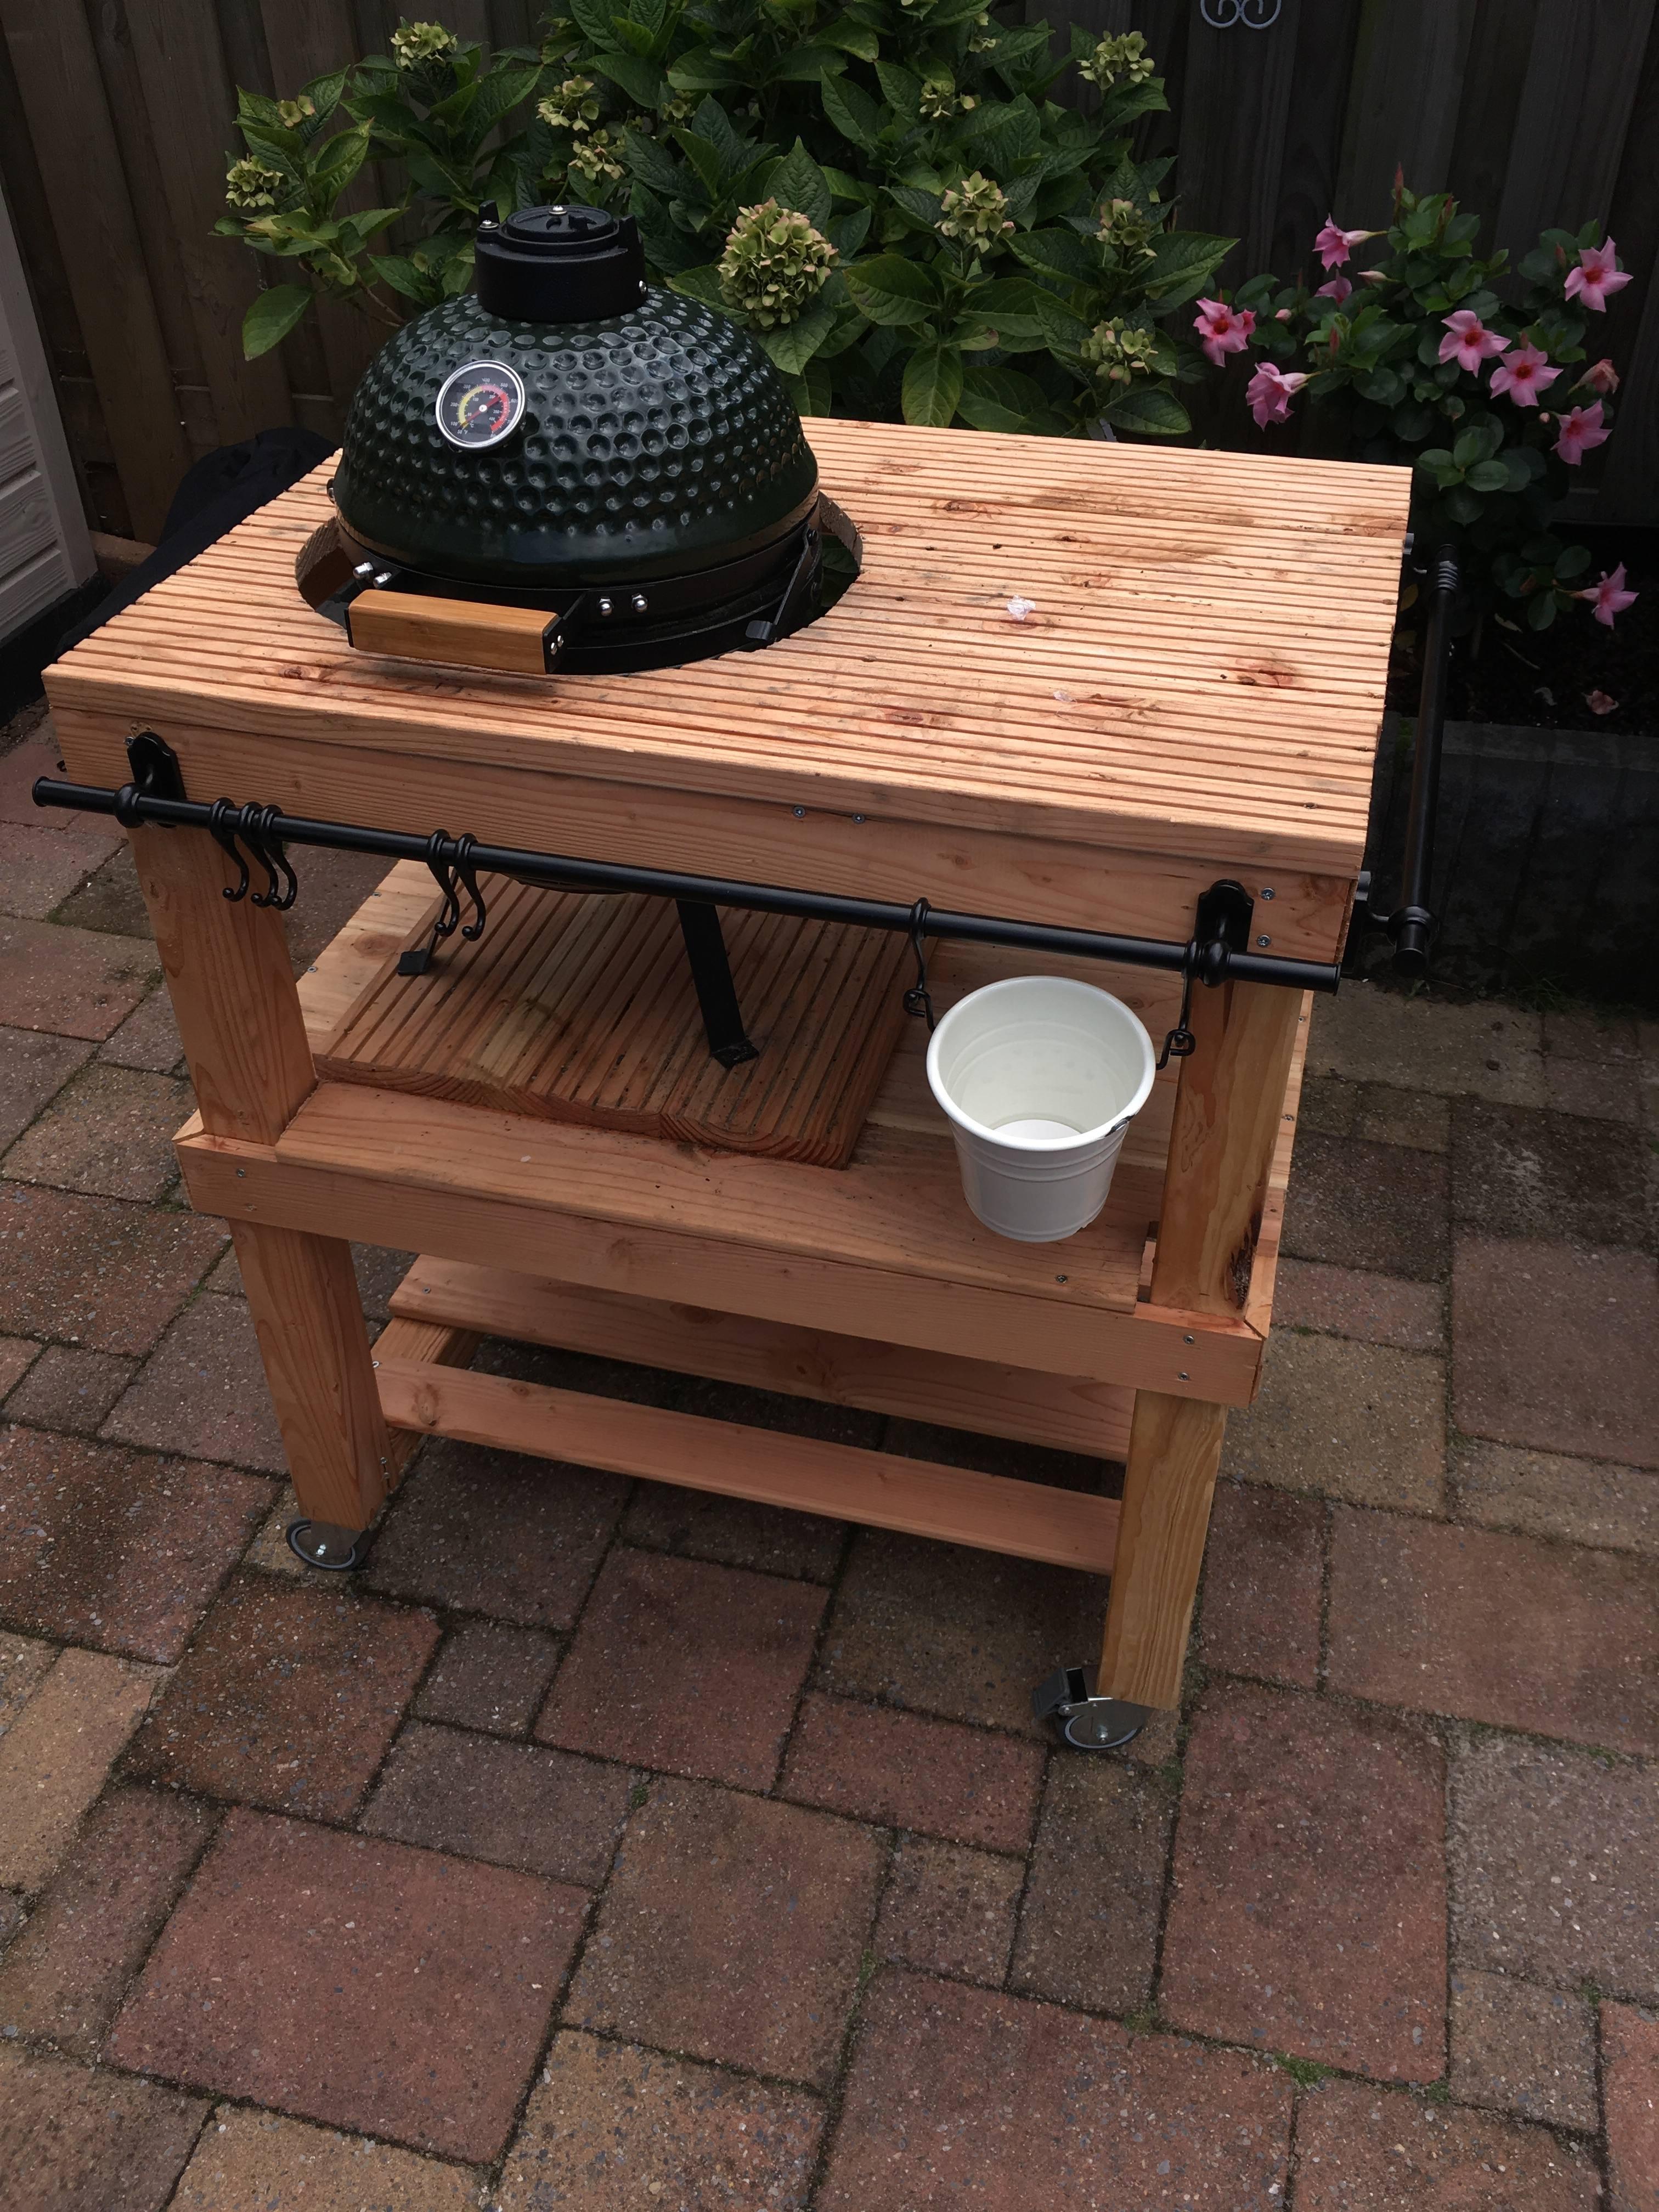 Bbq meubel kamado mini blokker for Bbq tafel maken